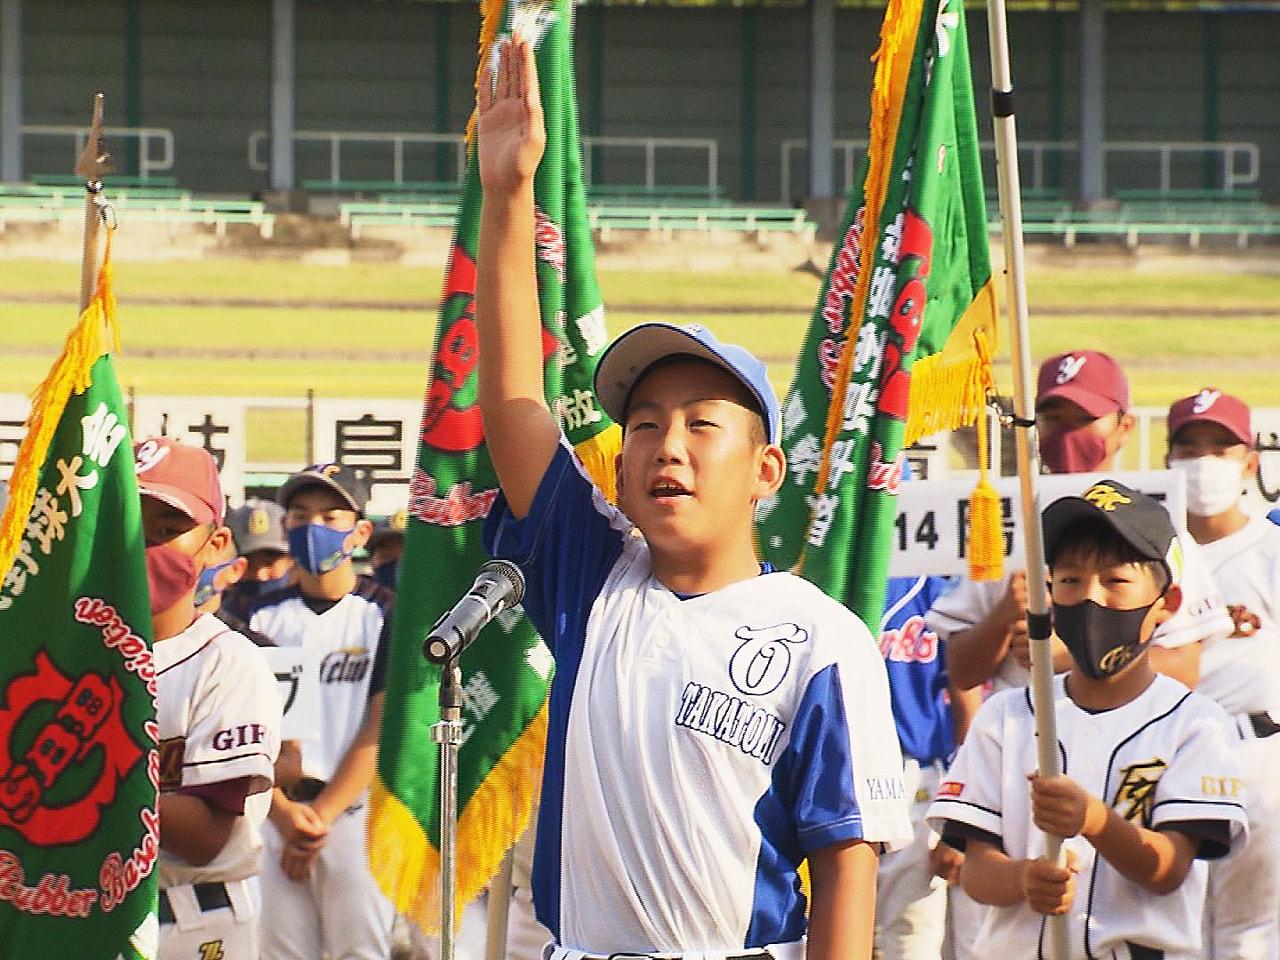 岐阜県内の学童軟式野球のナンバーワンを決める大会が開幕し、岐阜市の長良川球場で開...